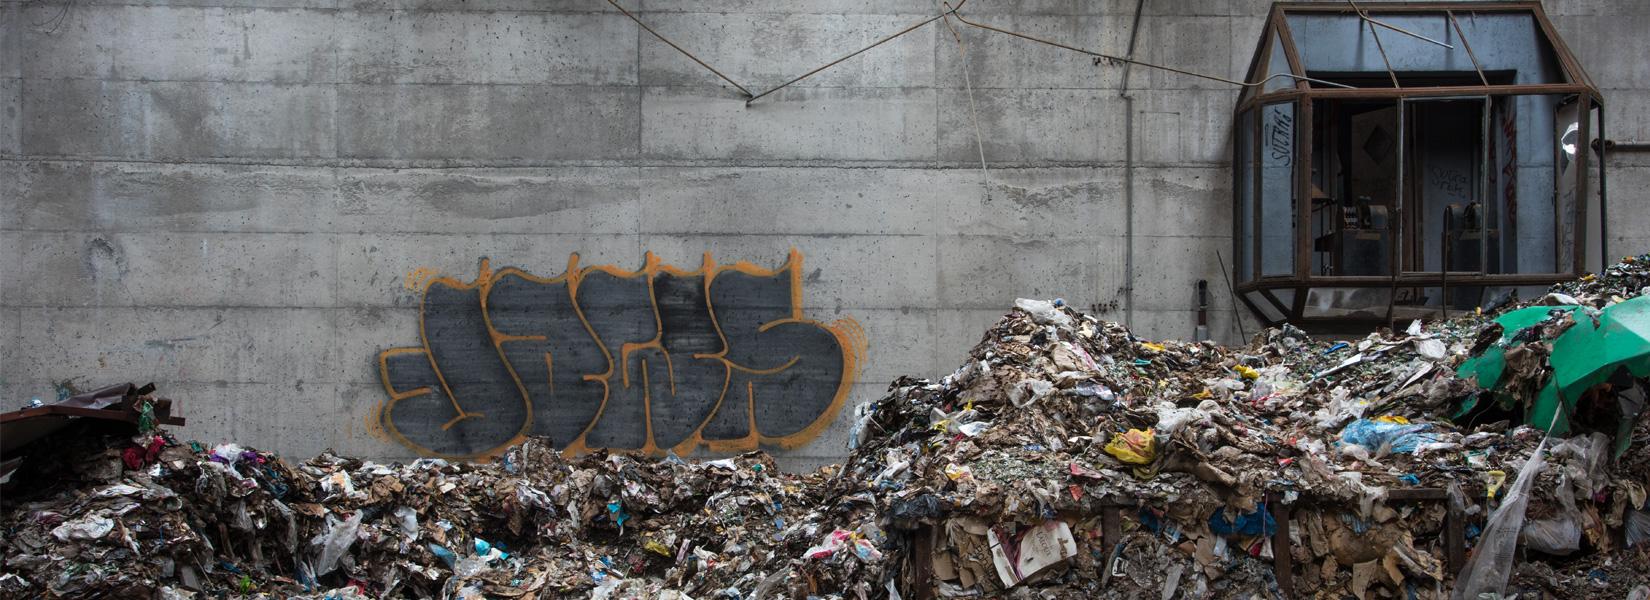 La vieille usine de recyclage abandonnée